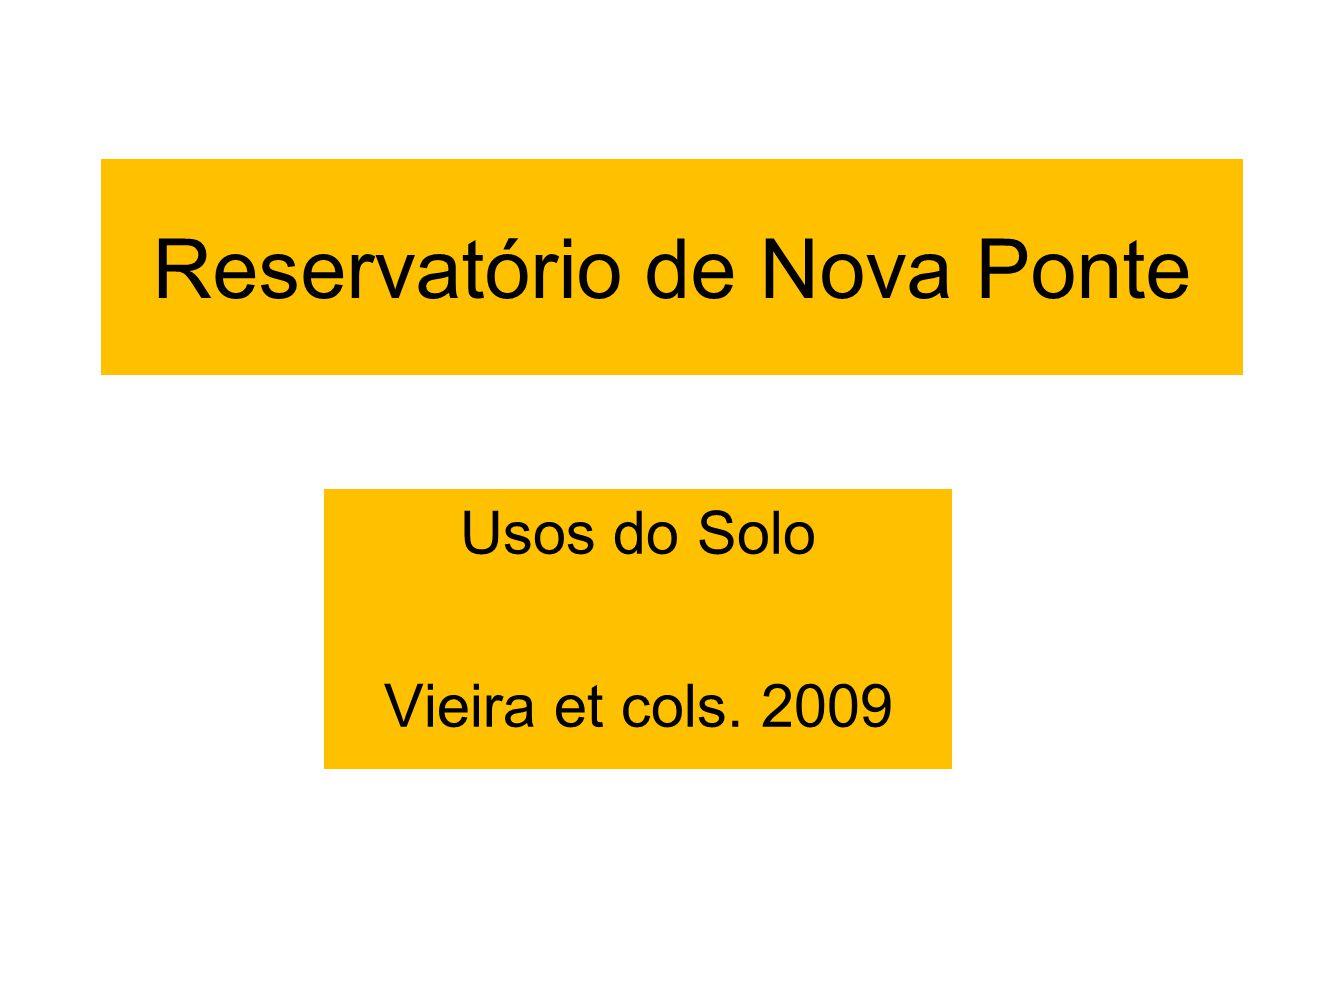 Reservatório de Nova Ponte Usos do Solo Vieira et cols. 2009